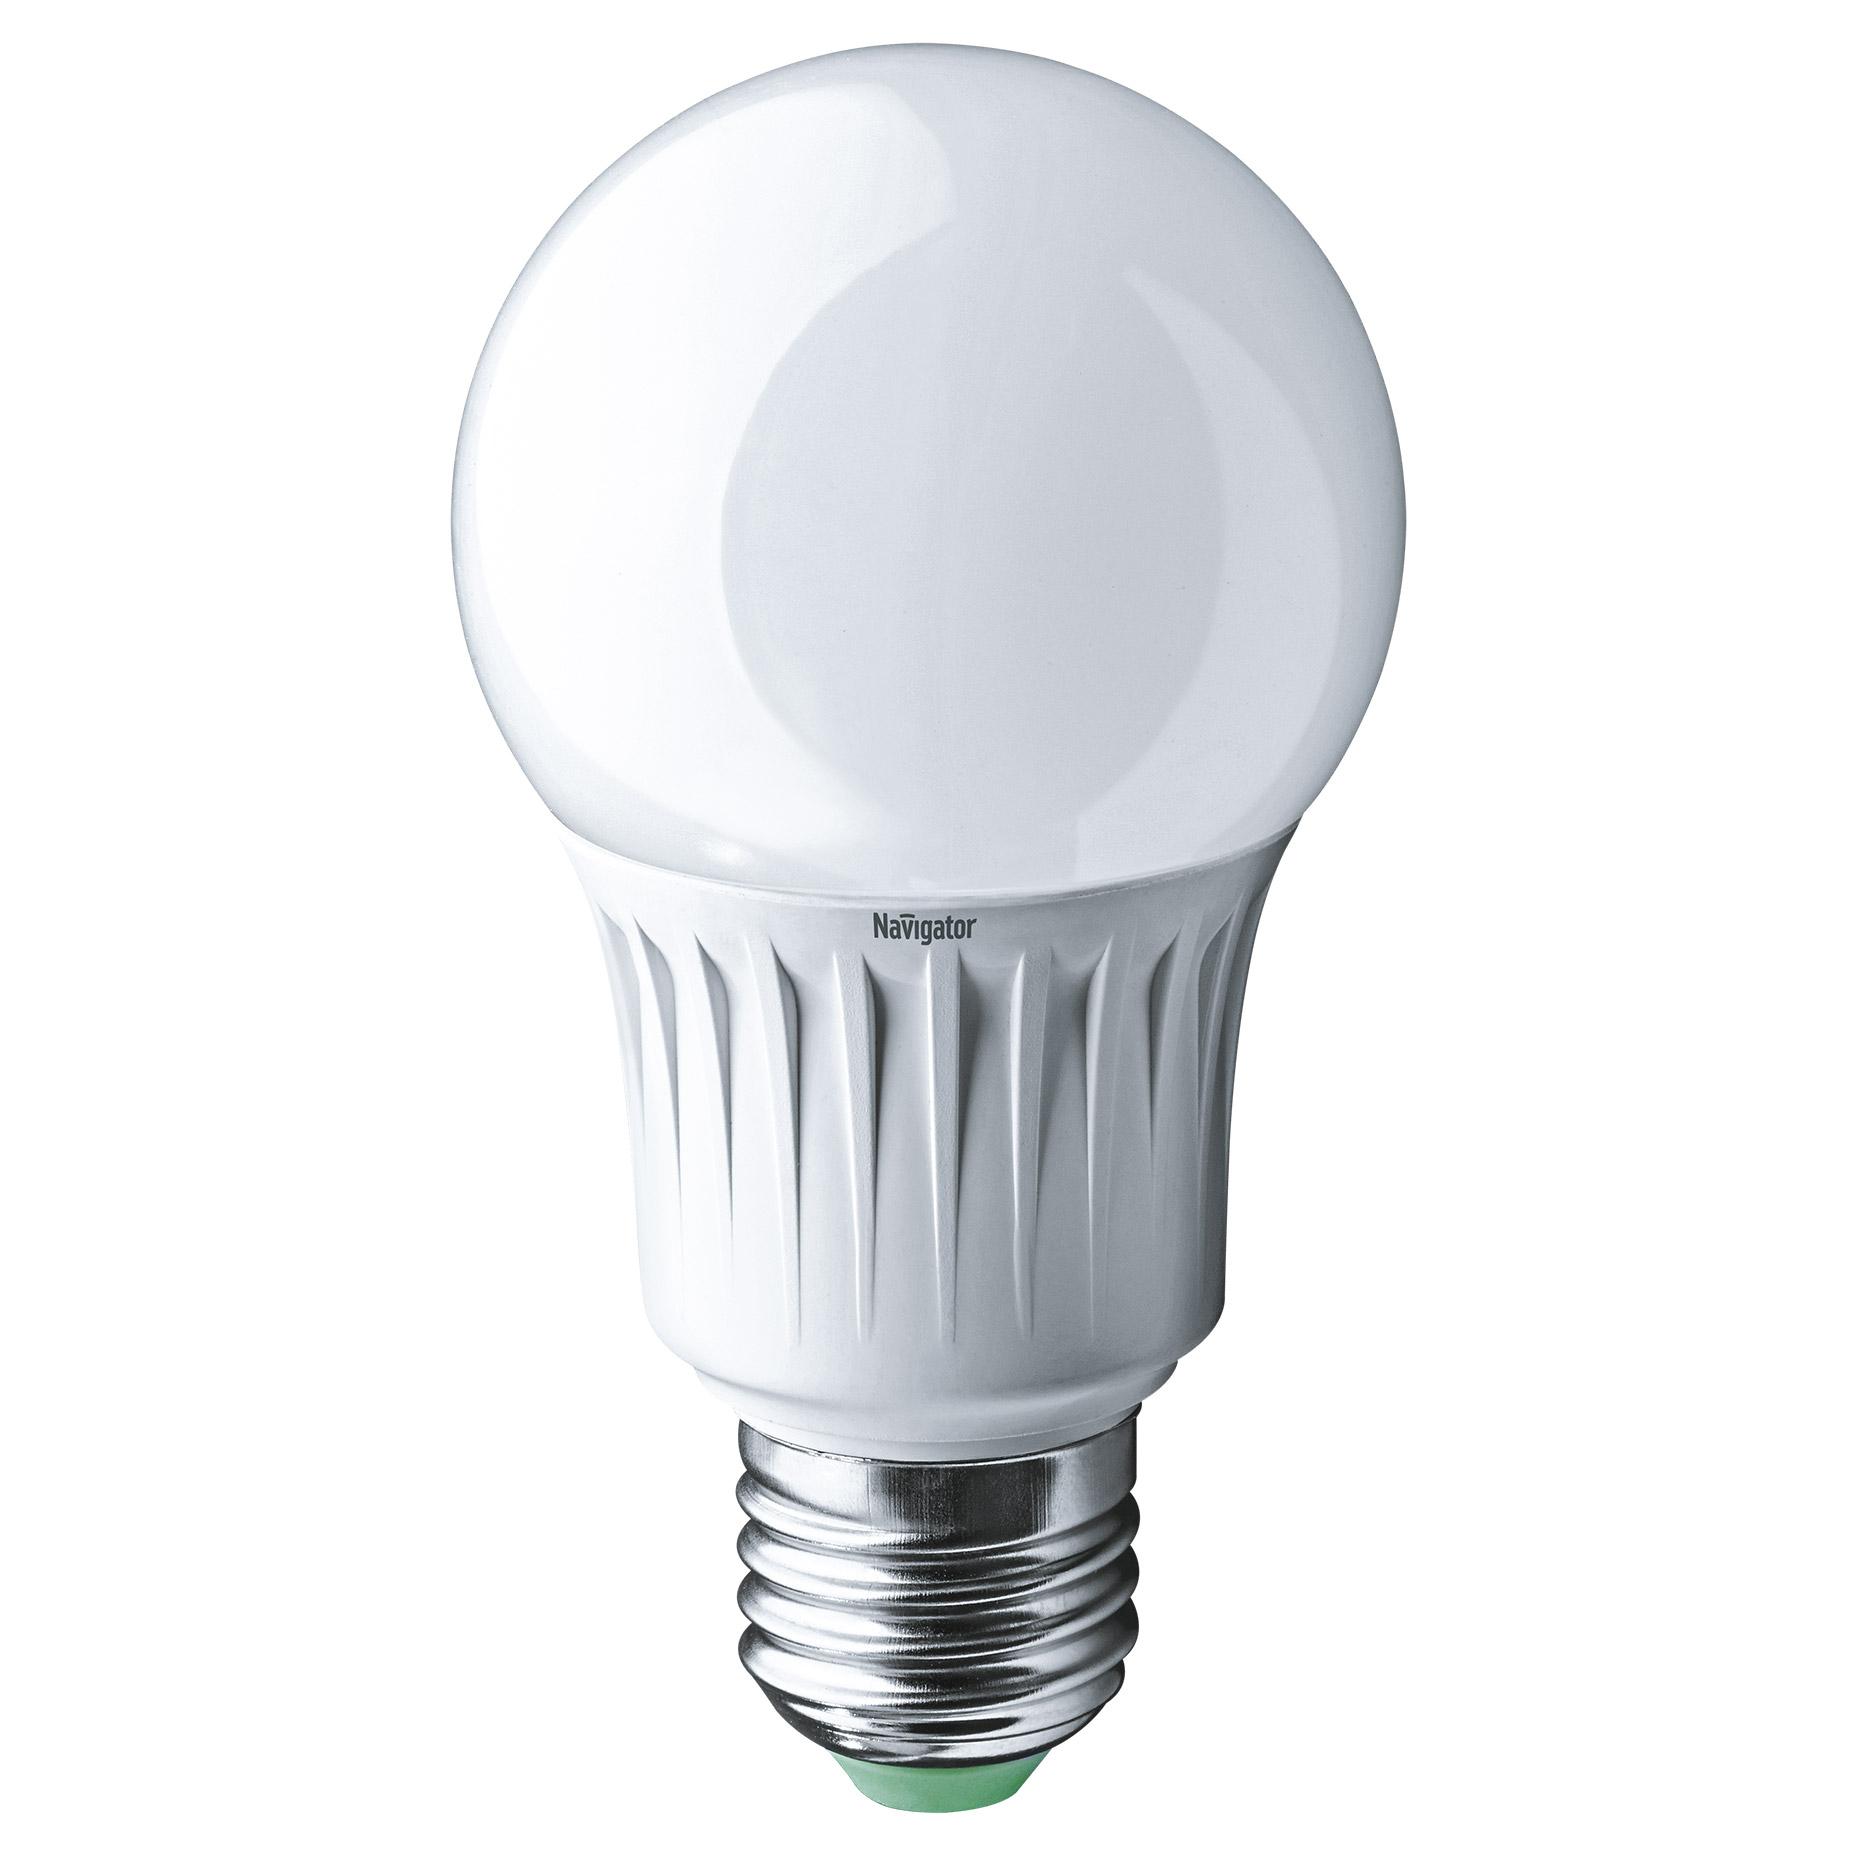 Фото - Лампа светодиодная Navigator груша матовая 10Вт цоколь E27 (холодный свет) лампа люминесцентная navigator t5 6вт цоколь g5 холодный свет